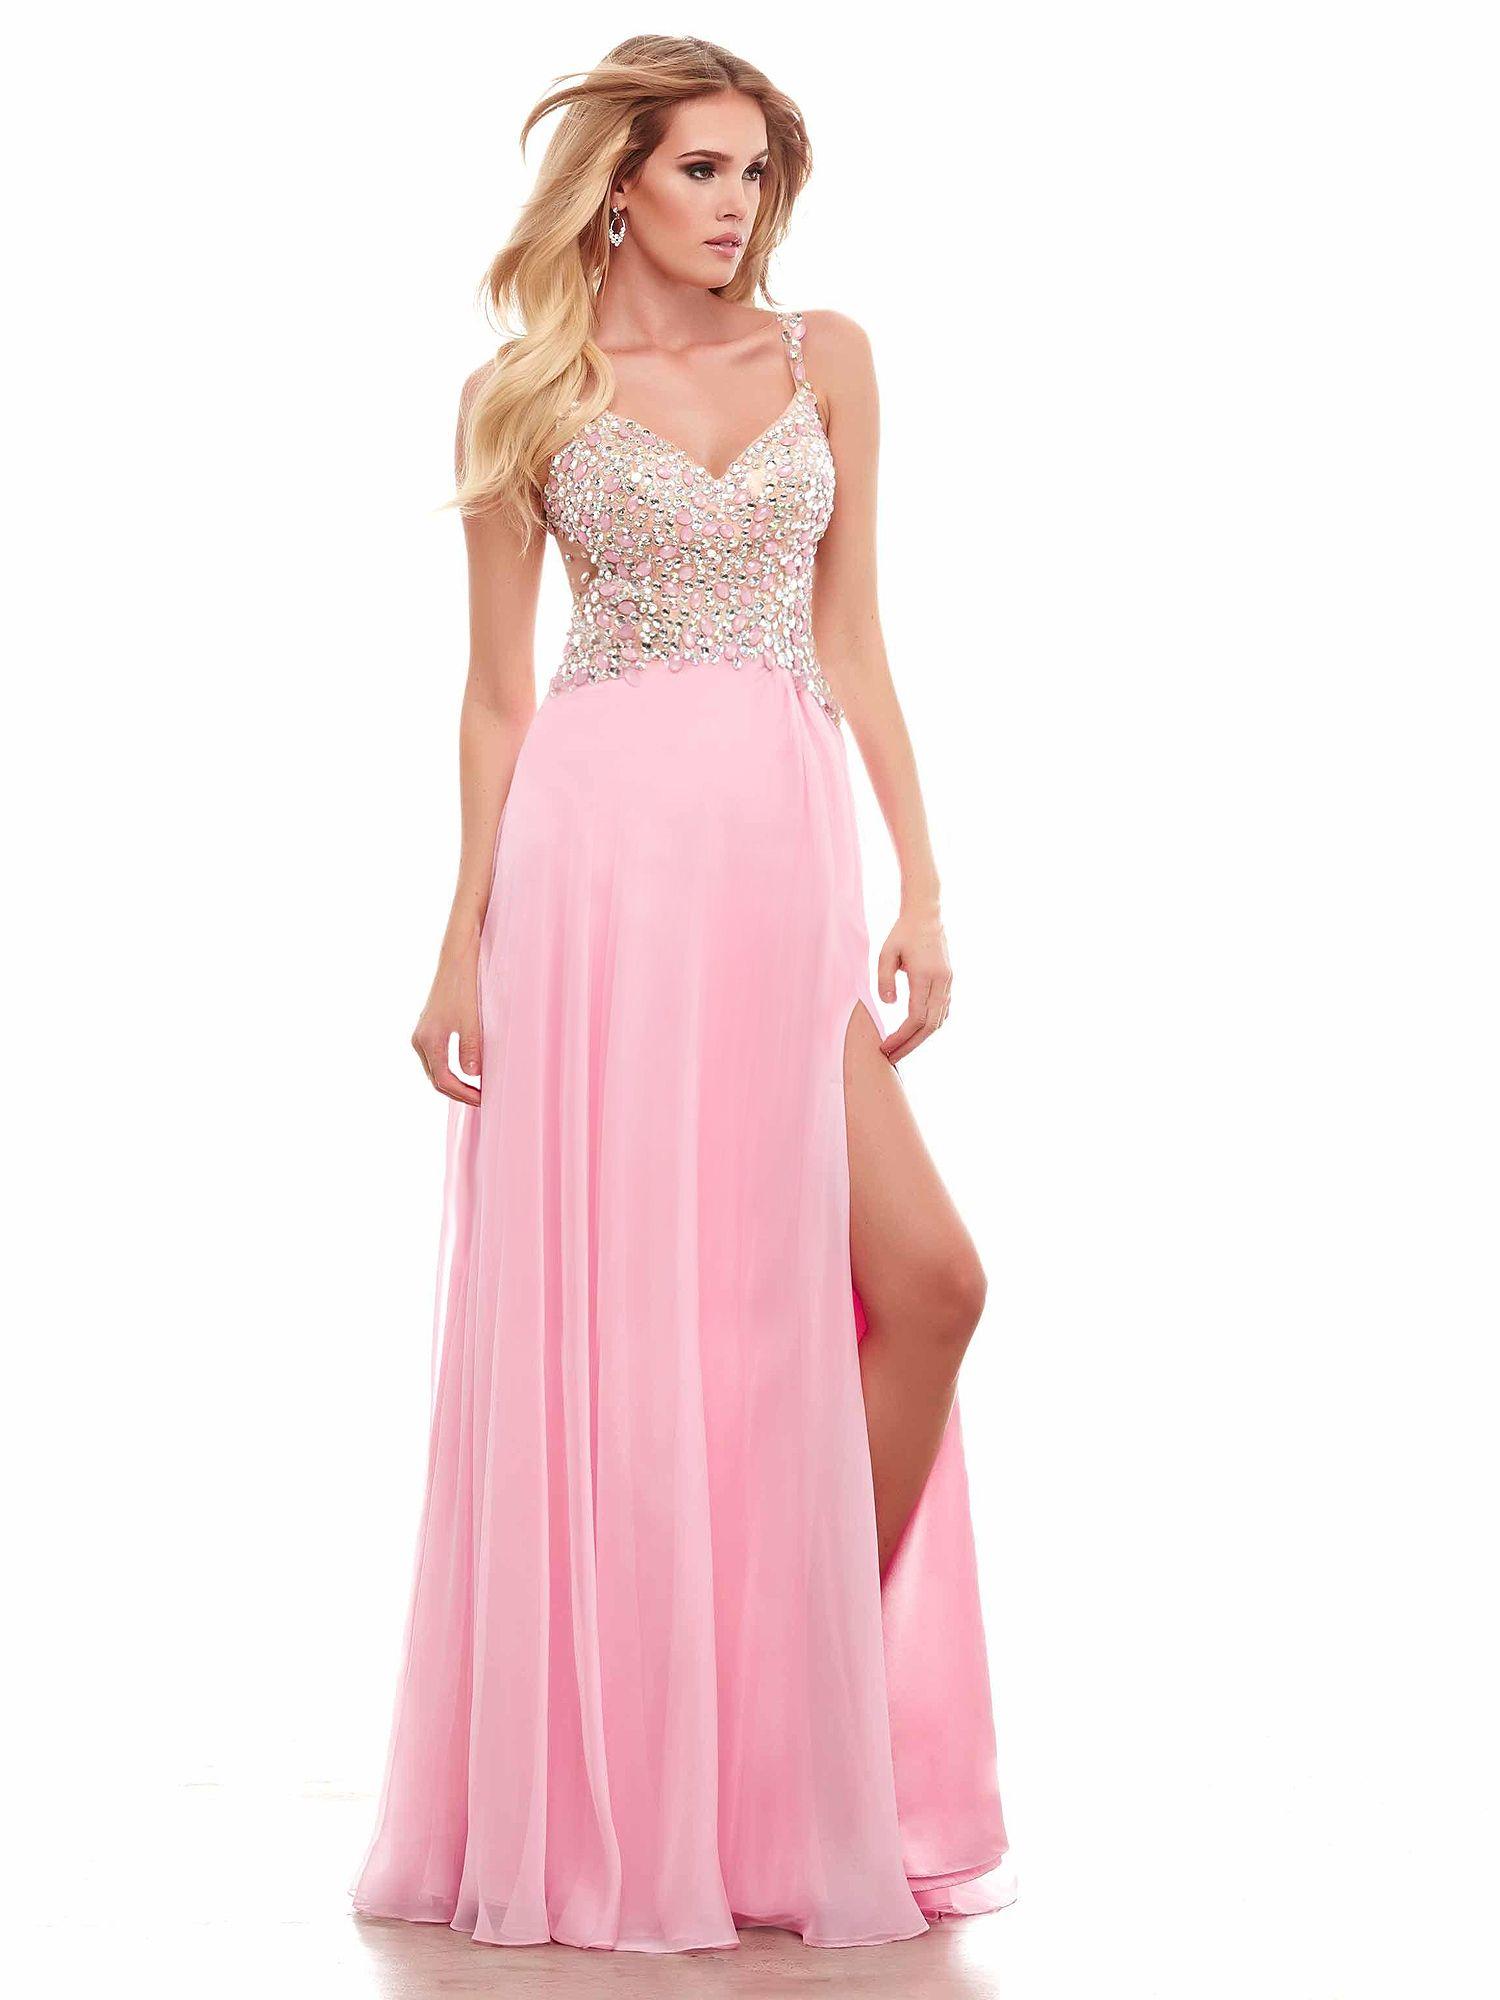 babydoll #pinkdress #amazingdress / Cukierkowa suknia wieczorowa w ...